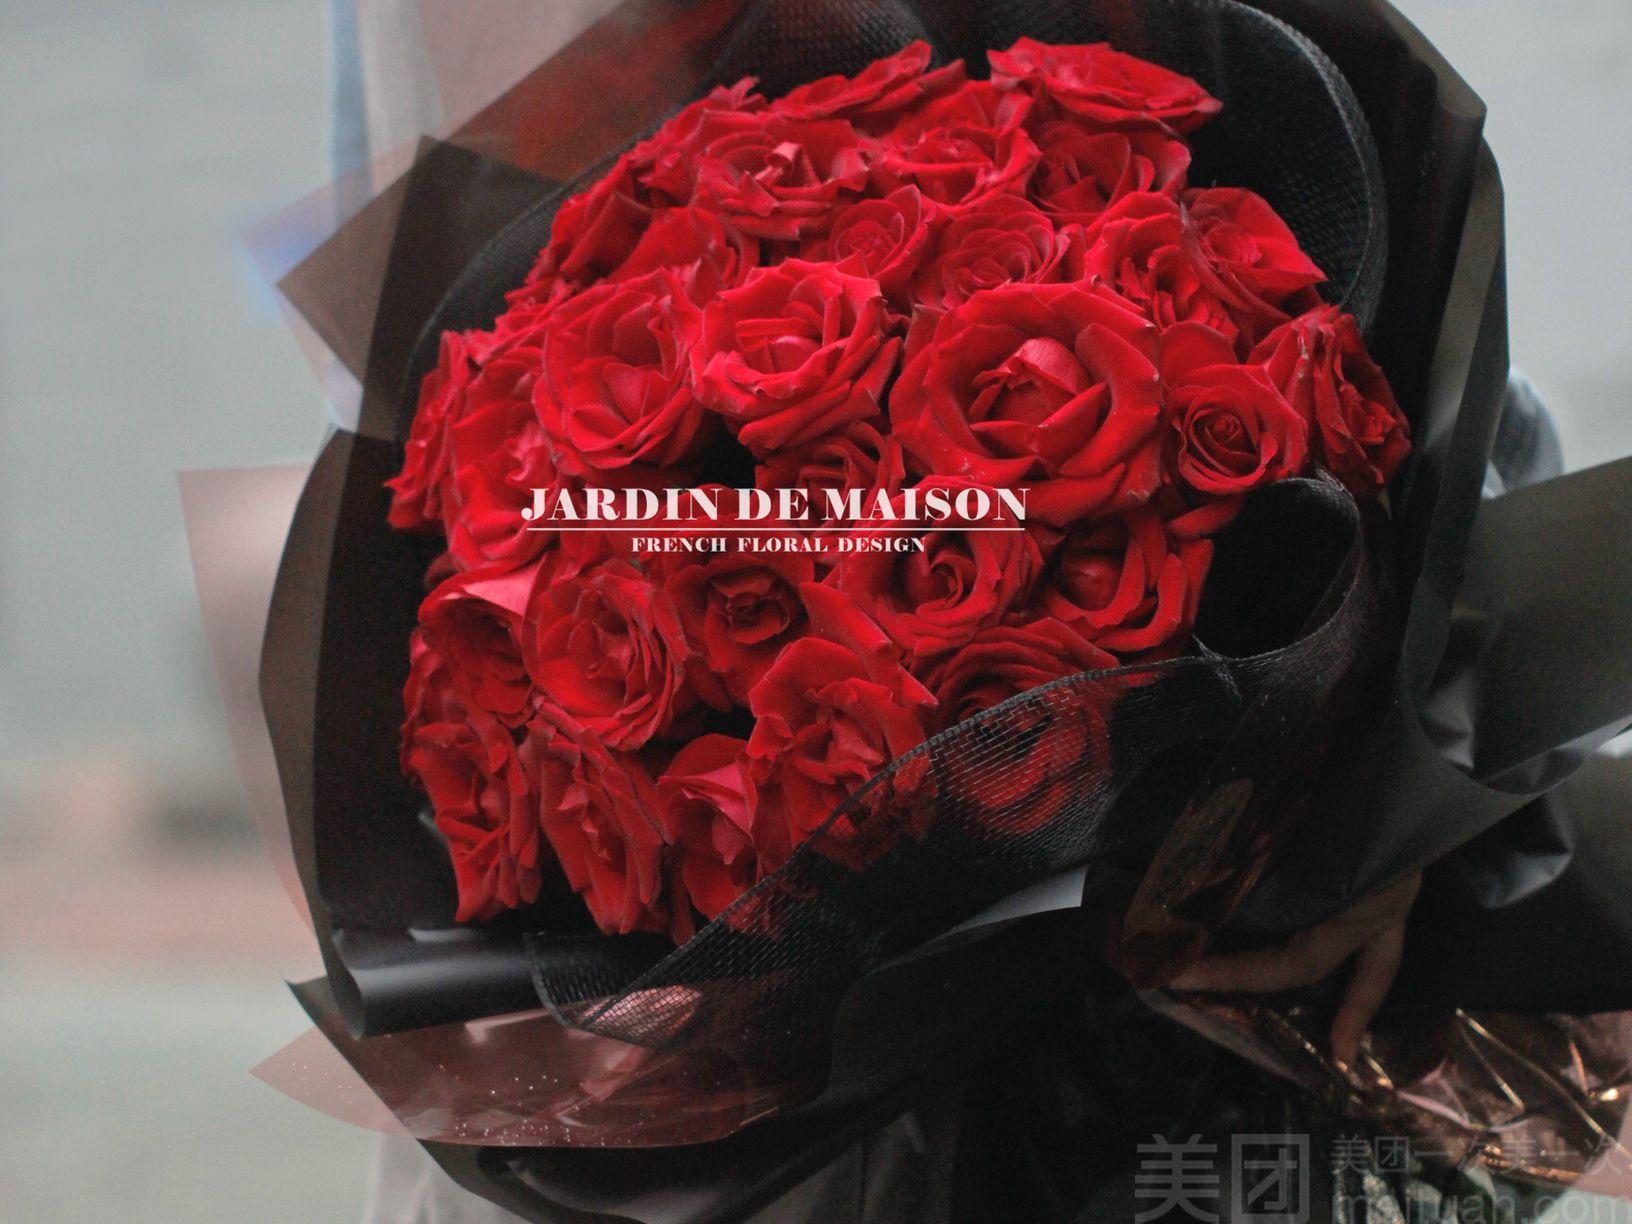 :长沙今日团购:【美颂生活馆鲜花】36朵红玫瑰花束